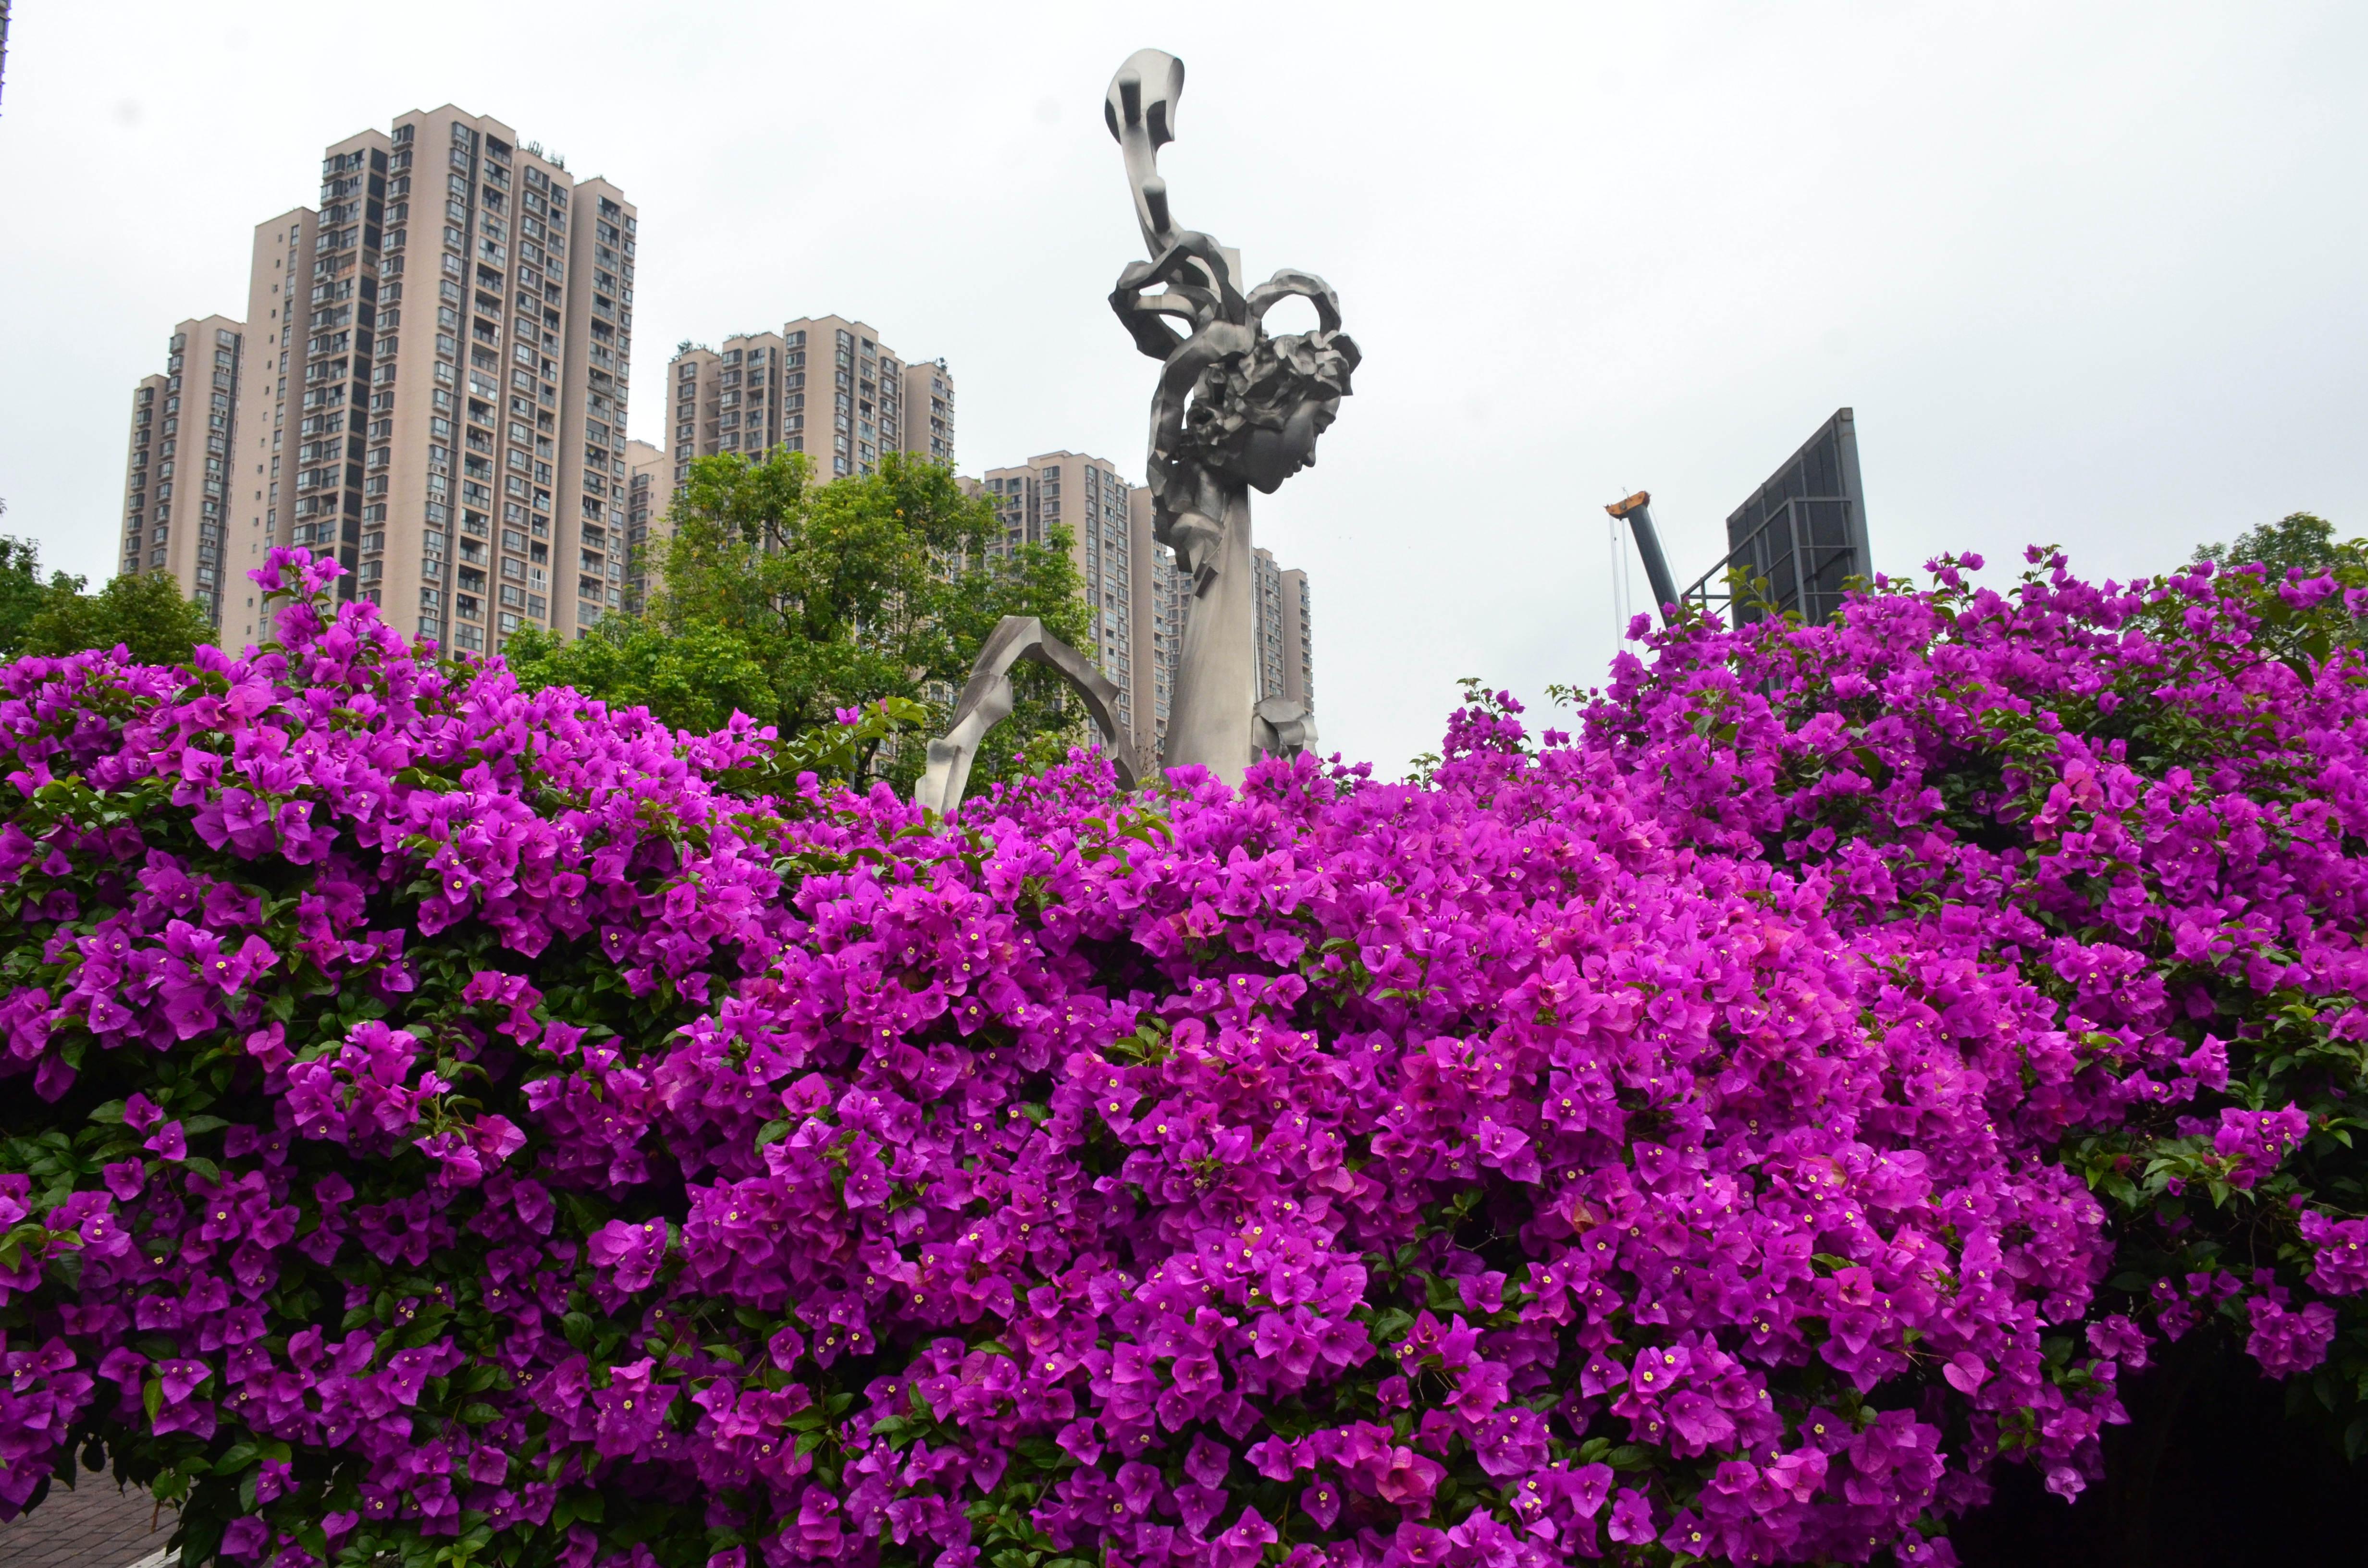 重庆大渡口:盛放的三角梅  醉美的义渡城